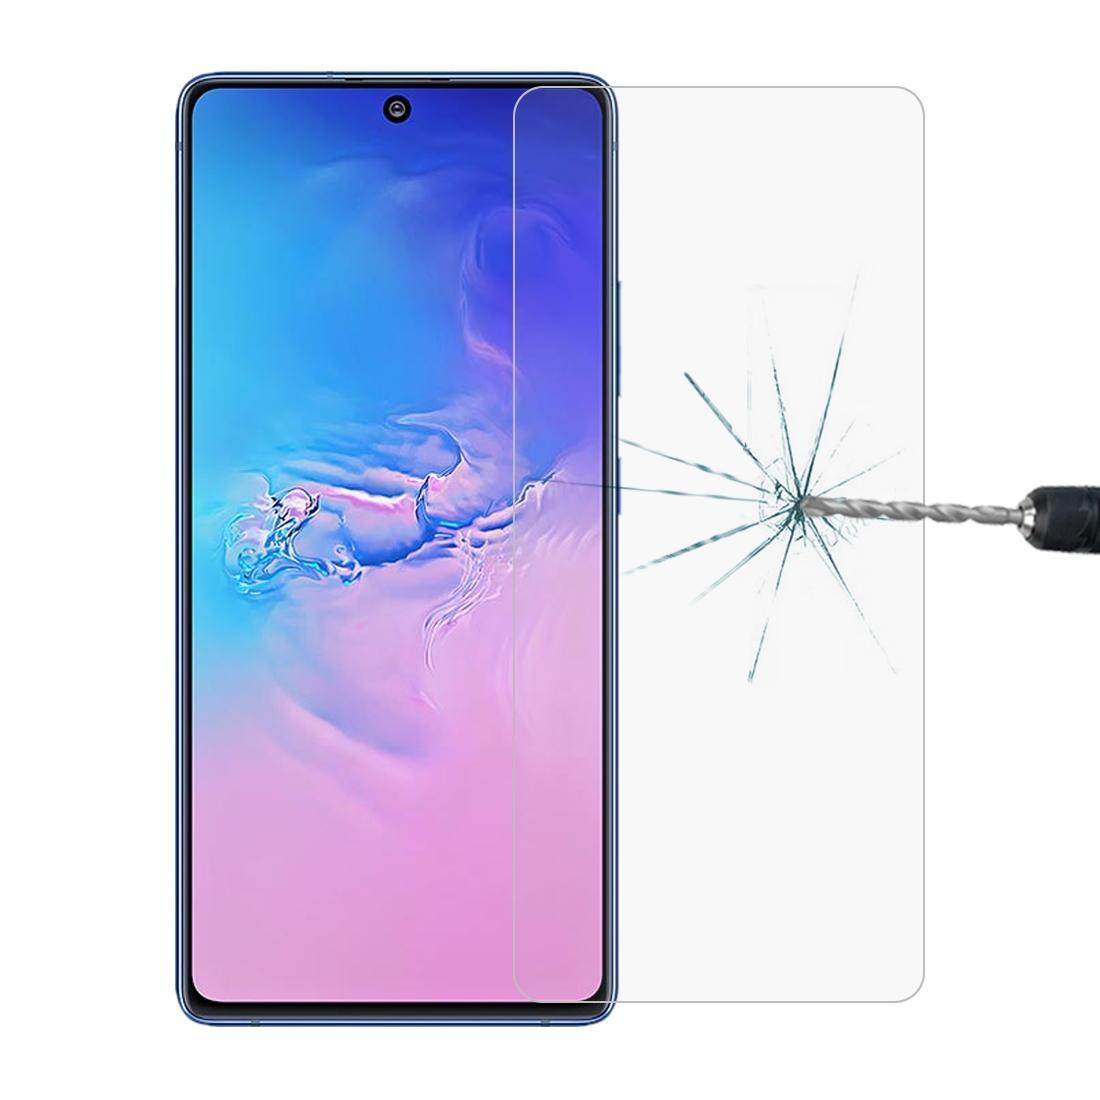 Für Galaxy S10 Lite 0.26mm 9H 2.5D Explosionsgeschützte Nicht-Vollbildschirm gehärtetes Glas Film